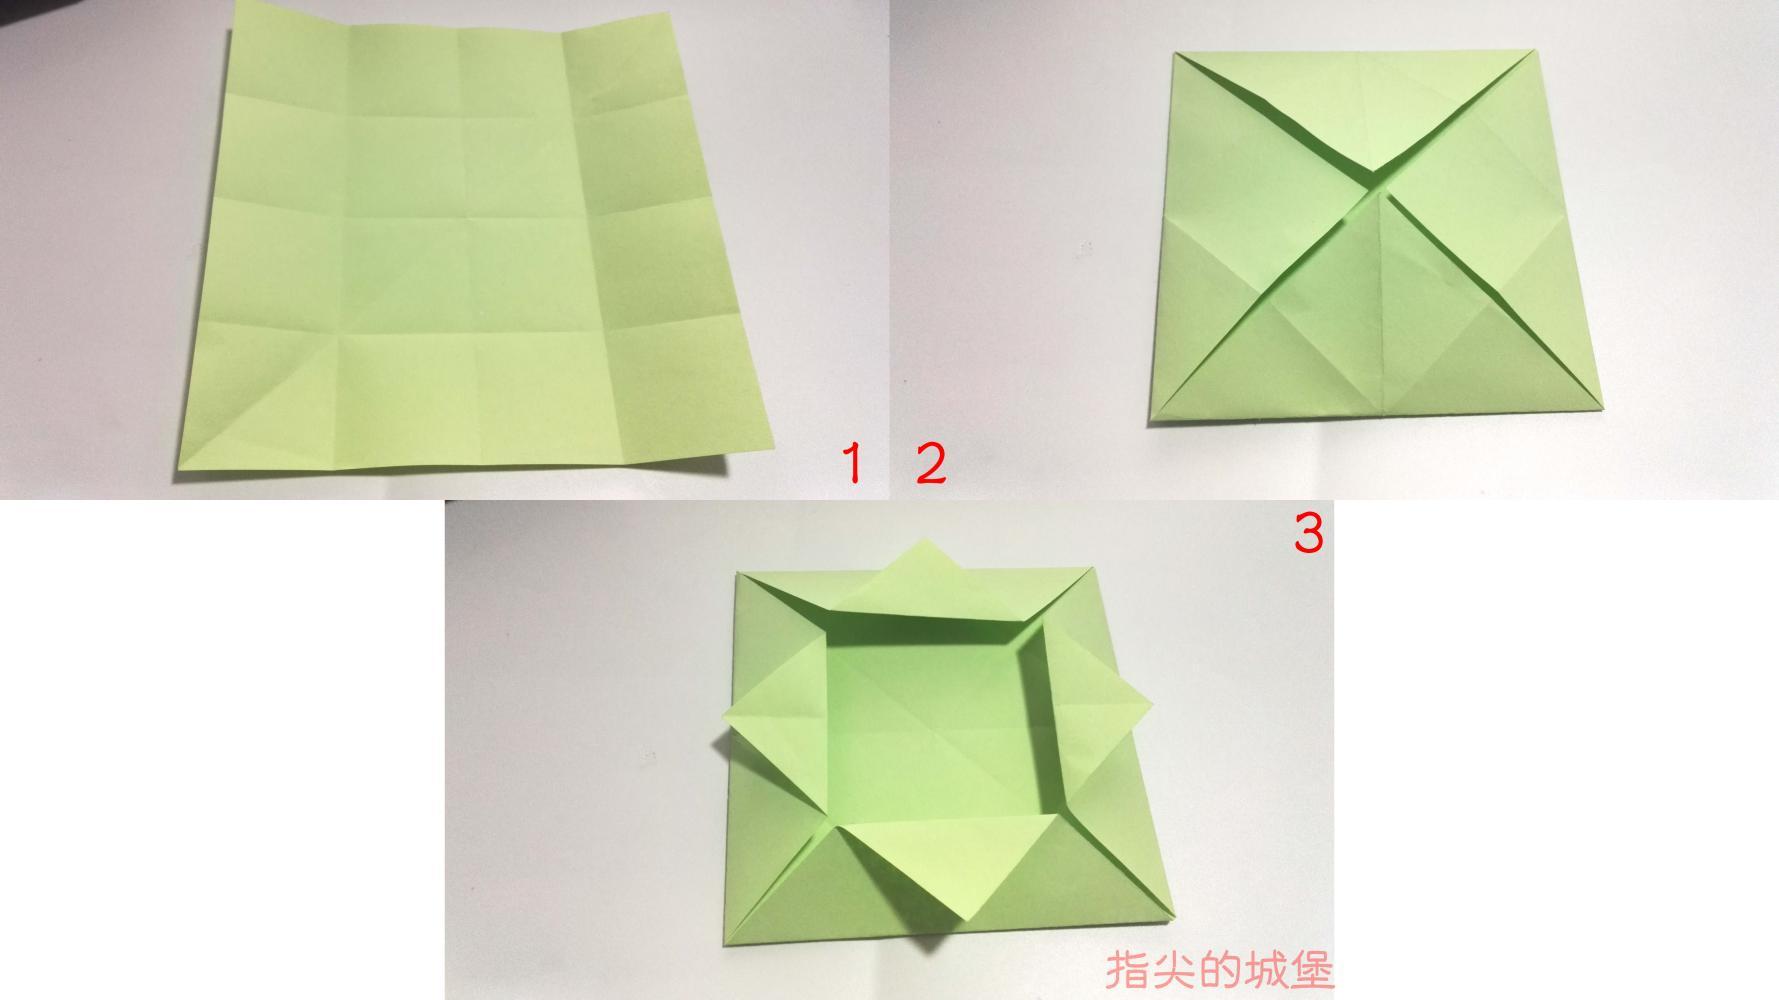 手工折纸: 教大家一款简单方便的折纸收纳盒, 教程详细图解